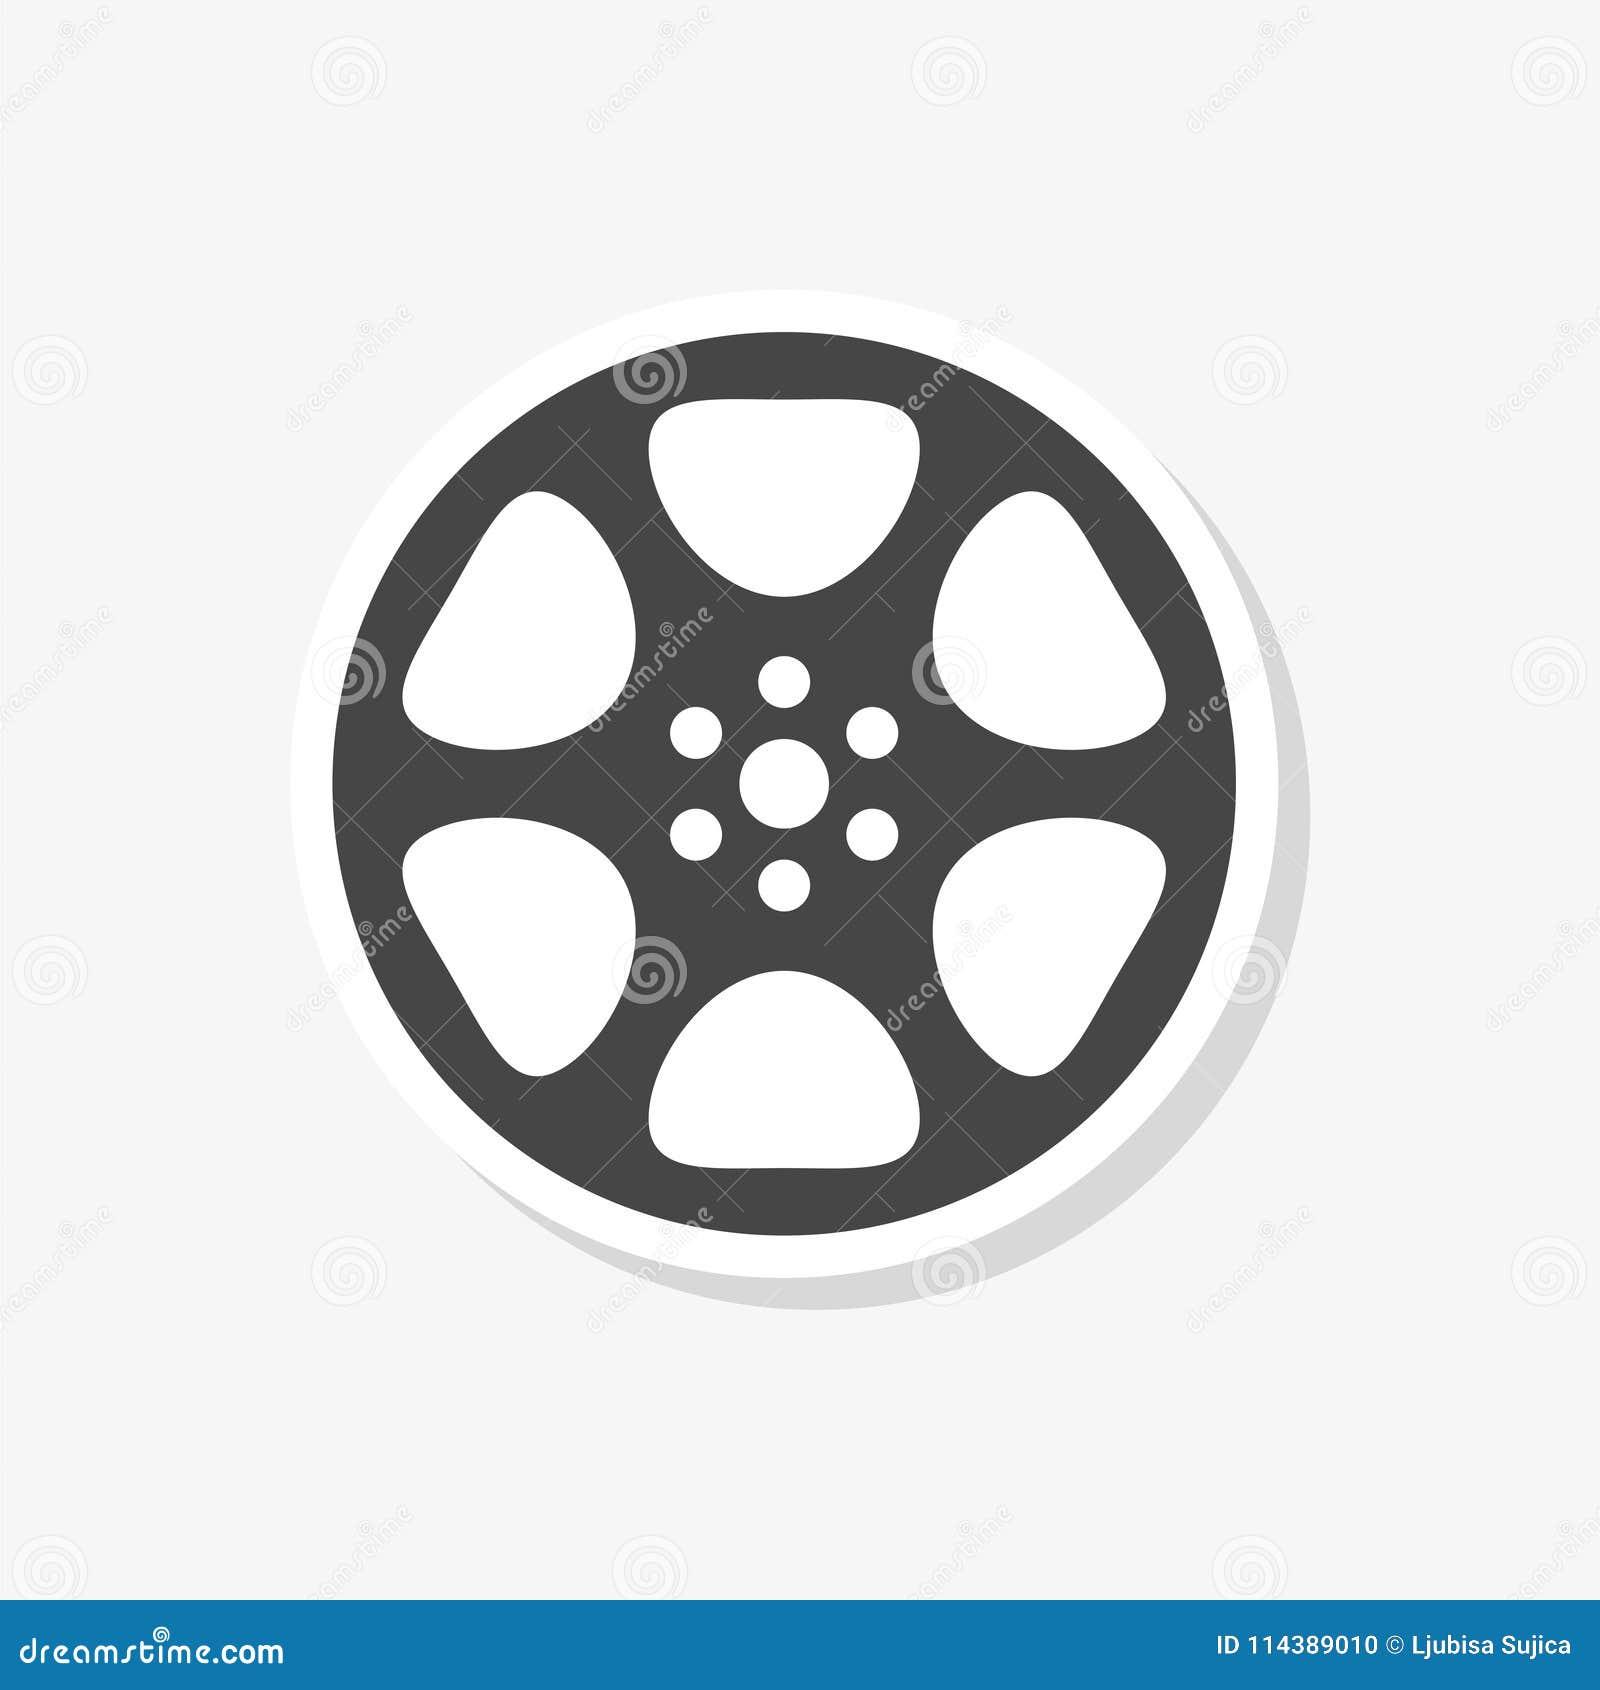 Klistermärke för filmrulle, den videopd symbolen, filmsymbol, enkel vektorsymbol